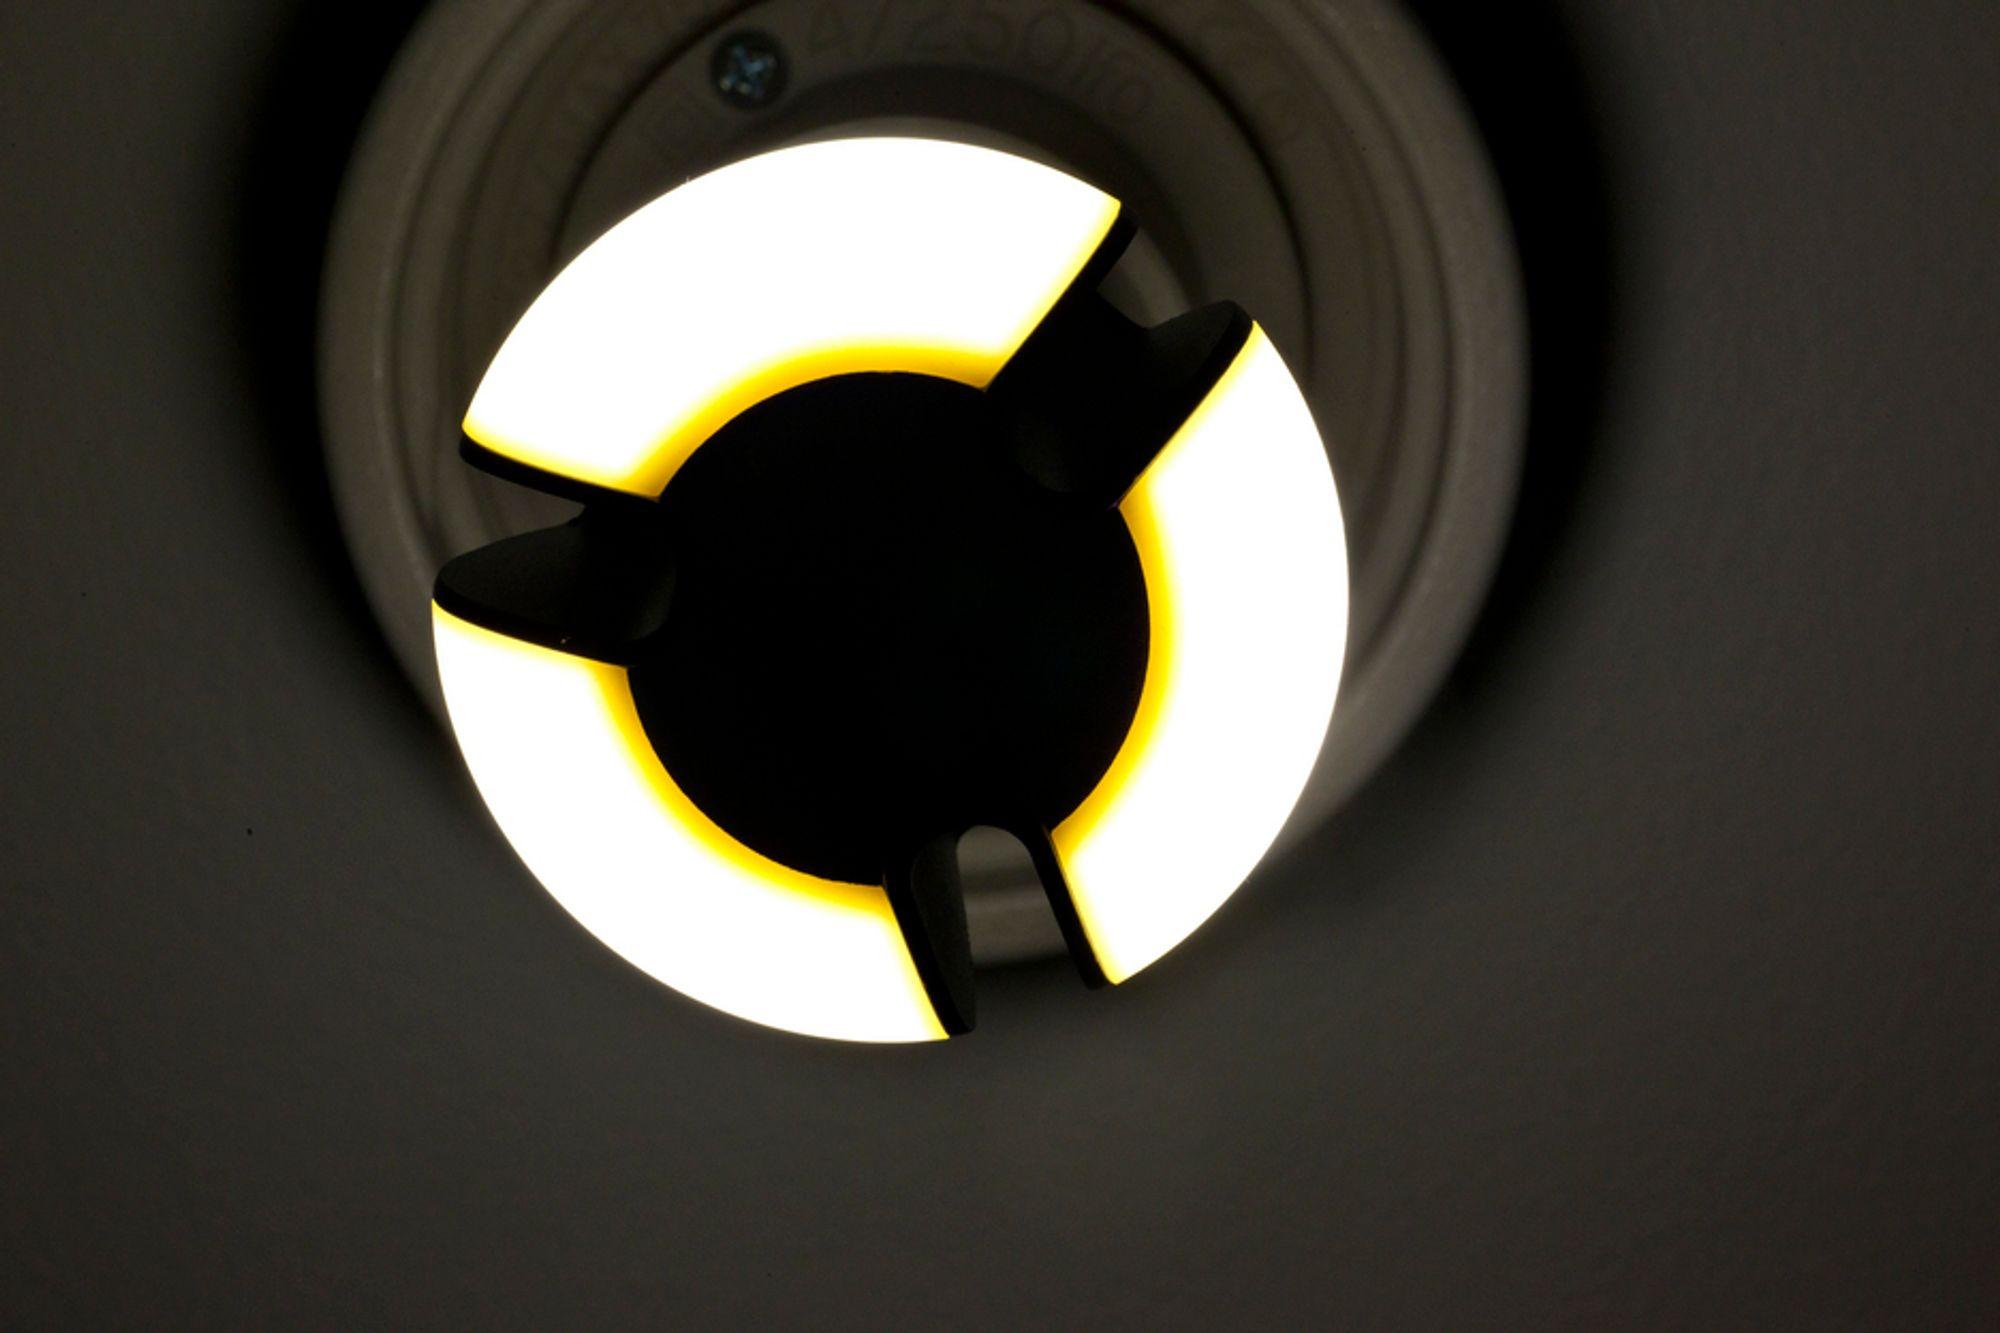 SER LYSET: Barn bør ikke utsettes for kraftig LED-lys, mener det franske byrået Anses. Det kraftige lyset kan irritere netthinnen.